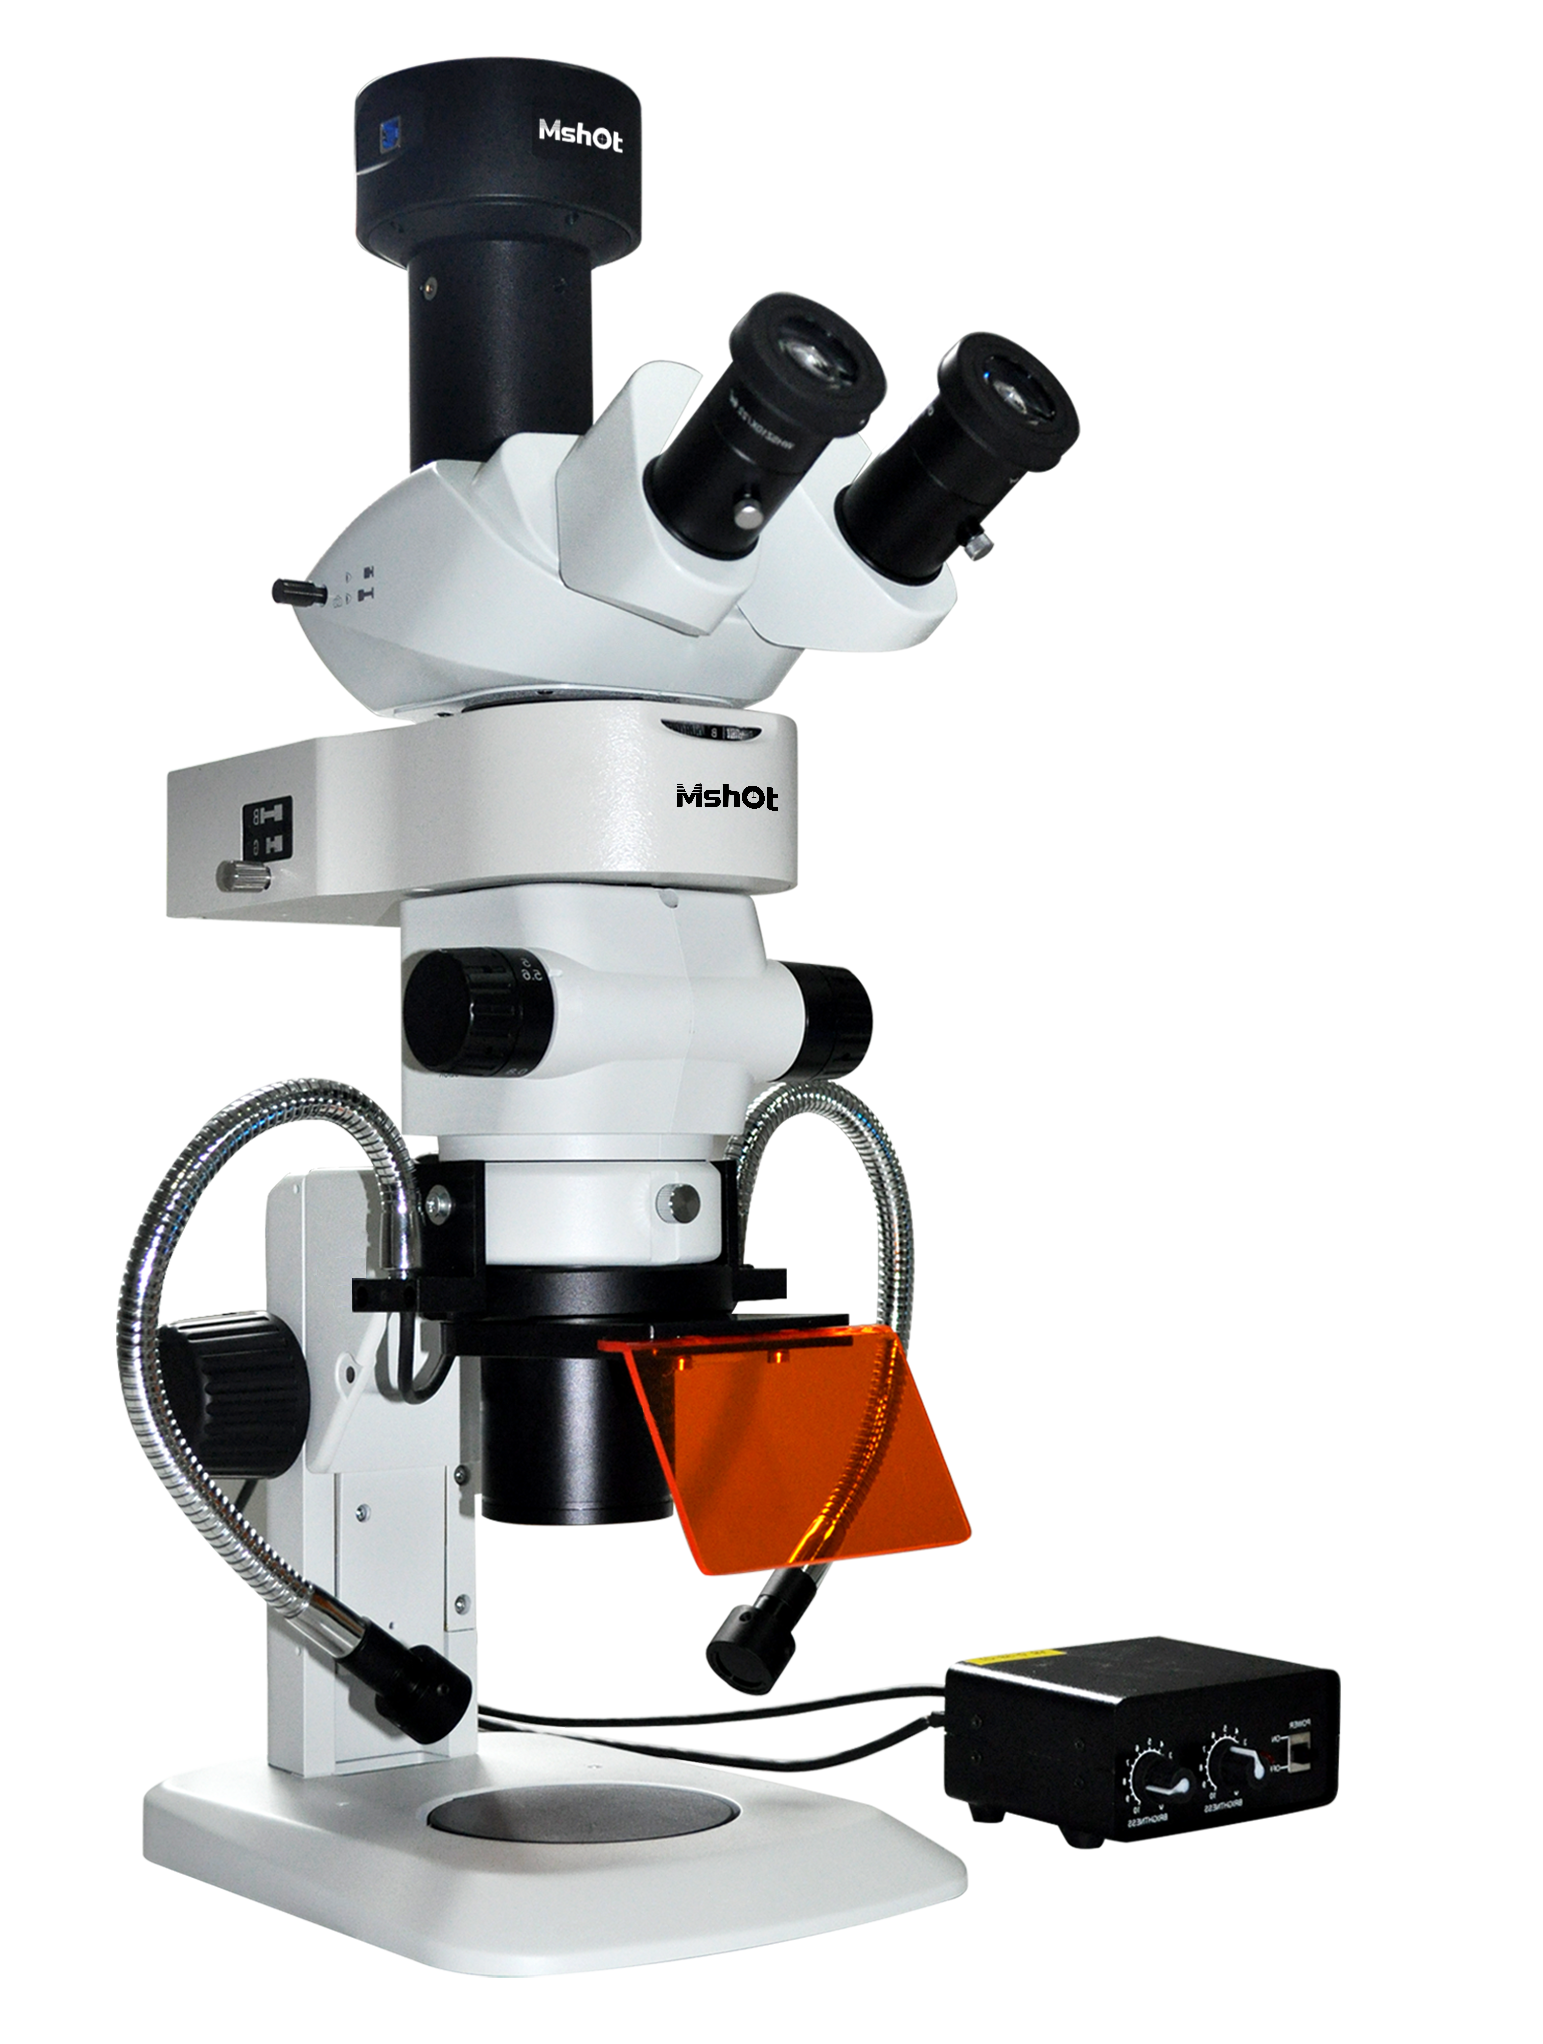 【荧光显微镜图片大全】荧光显微镜图片库